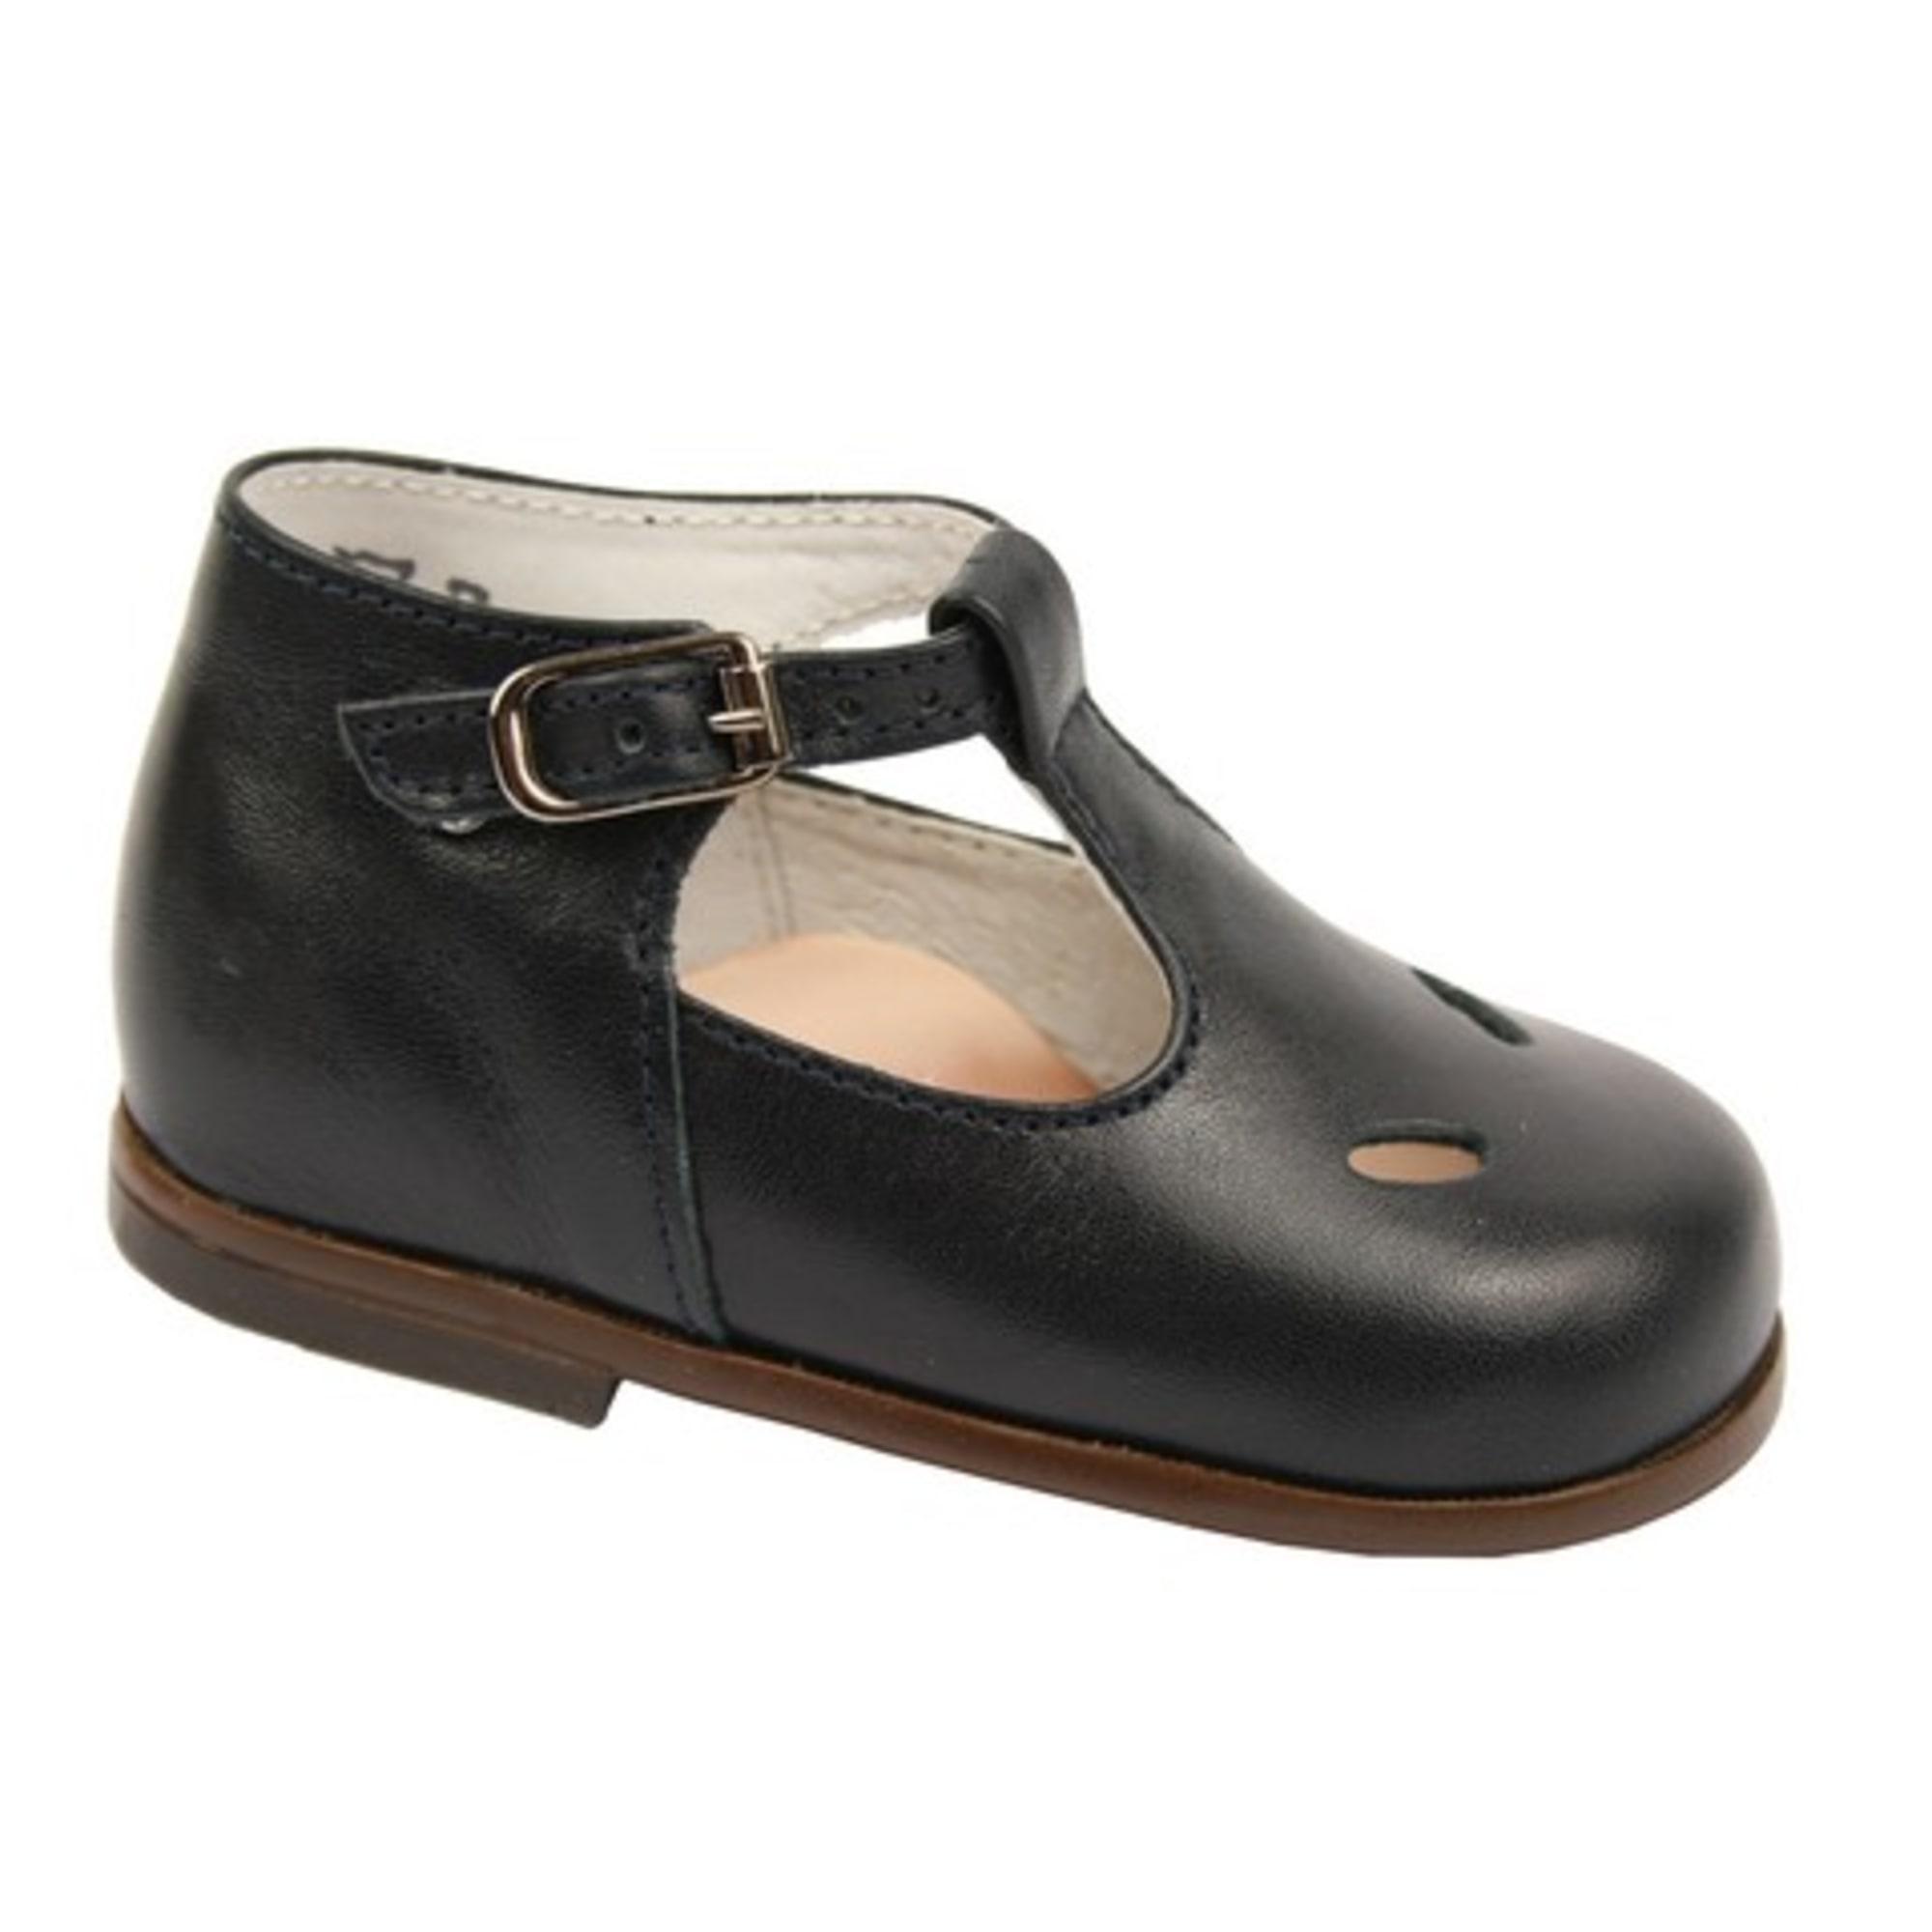 Chaussures Little Mary bleues pour bébé Jxt9irB